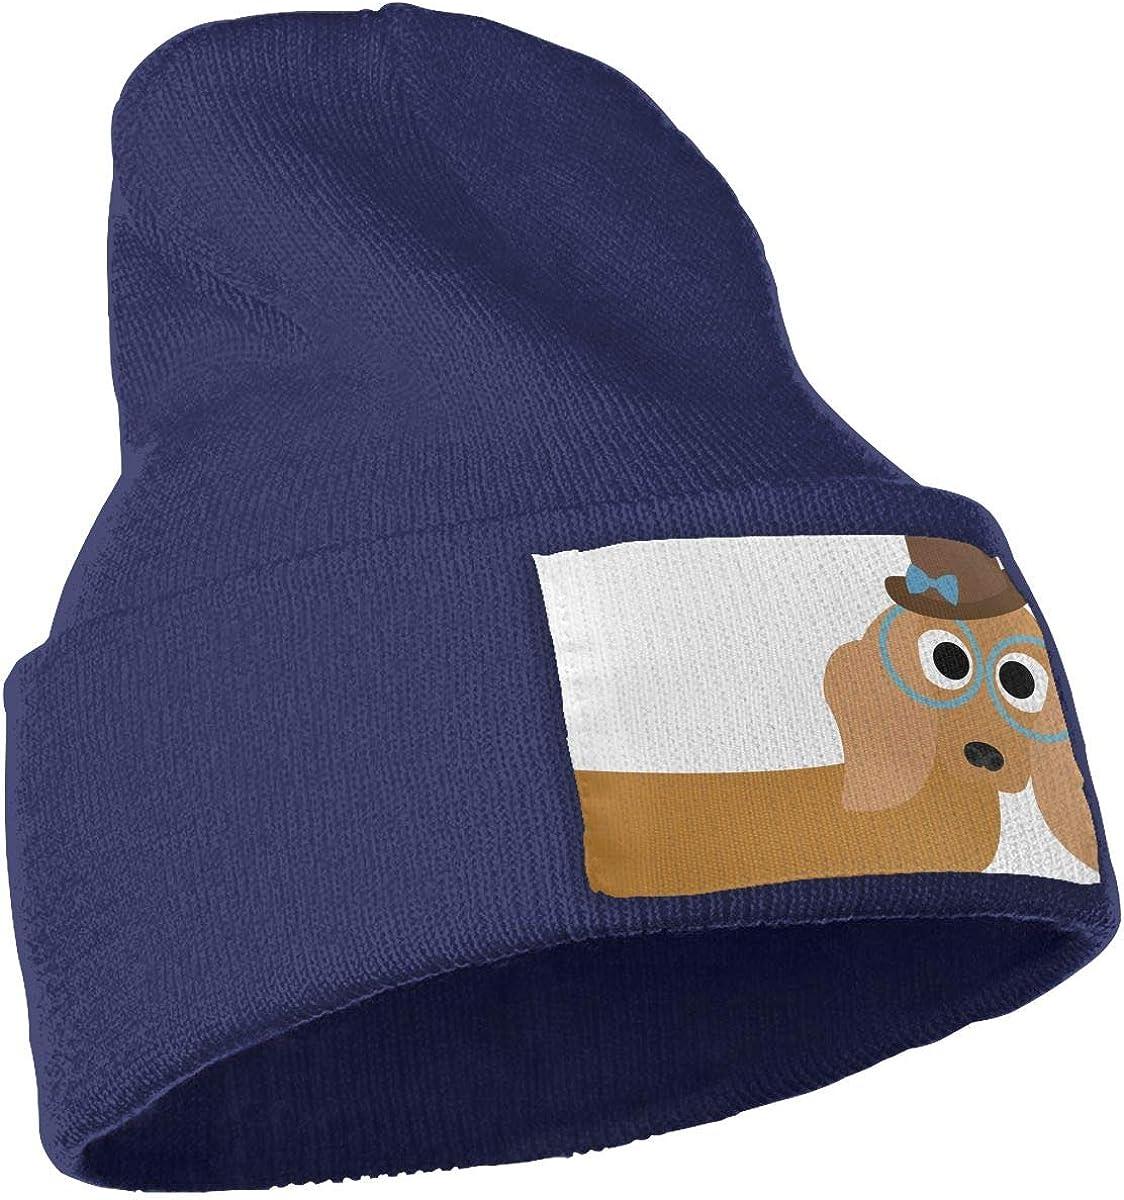 QZqDQ Wiener Dog Unisex Fashion Knitted Hat Luxury Hip-Hop Cap